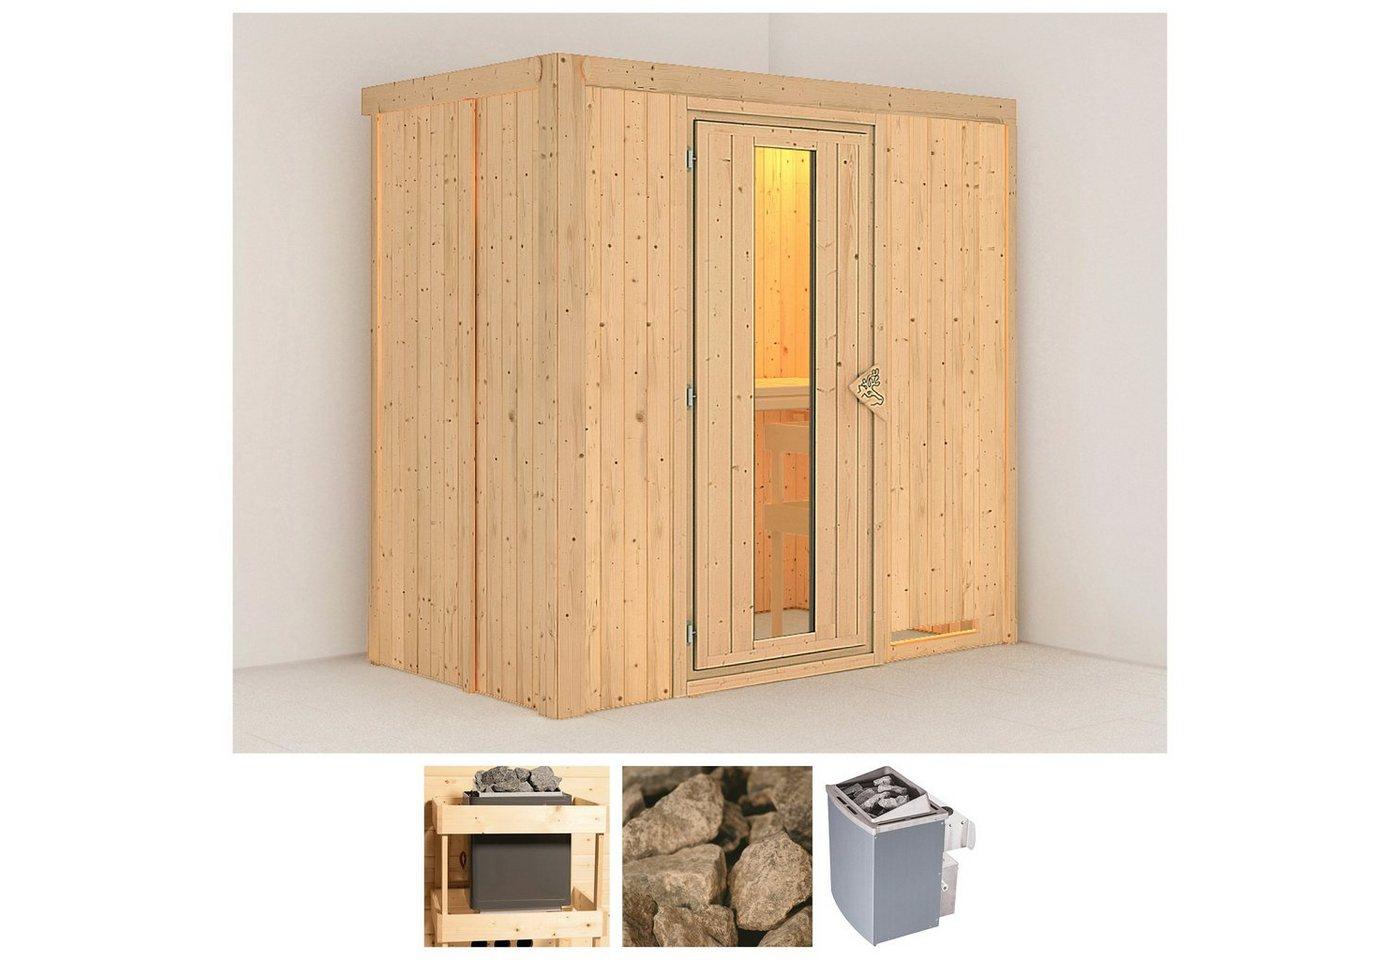 KONIFERA Sauna »Variado«, 196/118/198 cm, 9-kW-Ofen mit int. Steuerung, Holztür   Bad > Sauna & Zubehör > Saunen   Edelstahl   KONIFERA